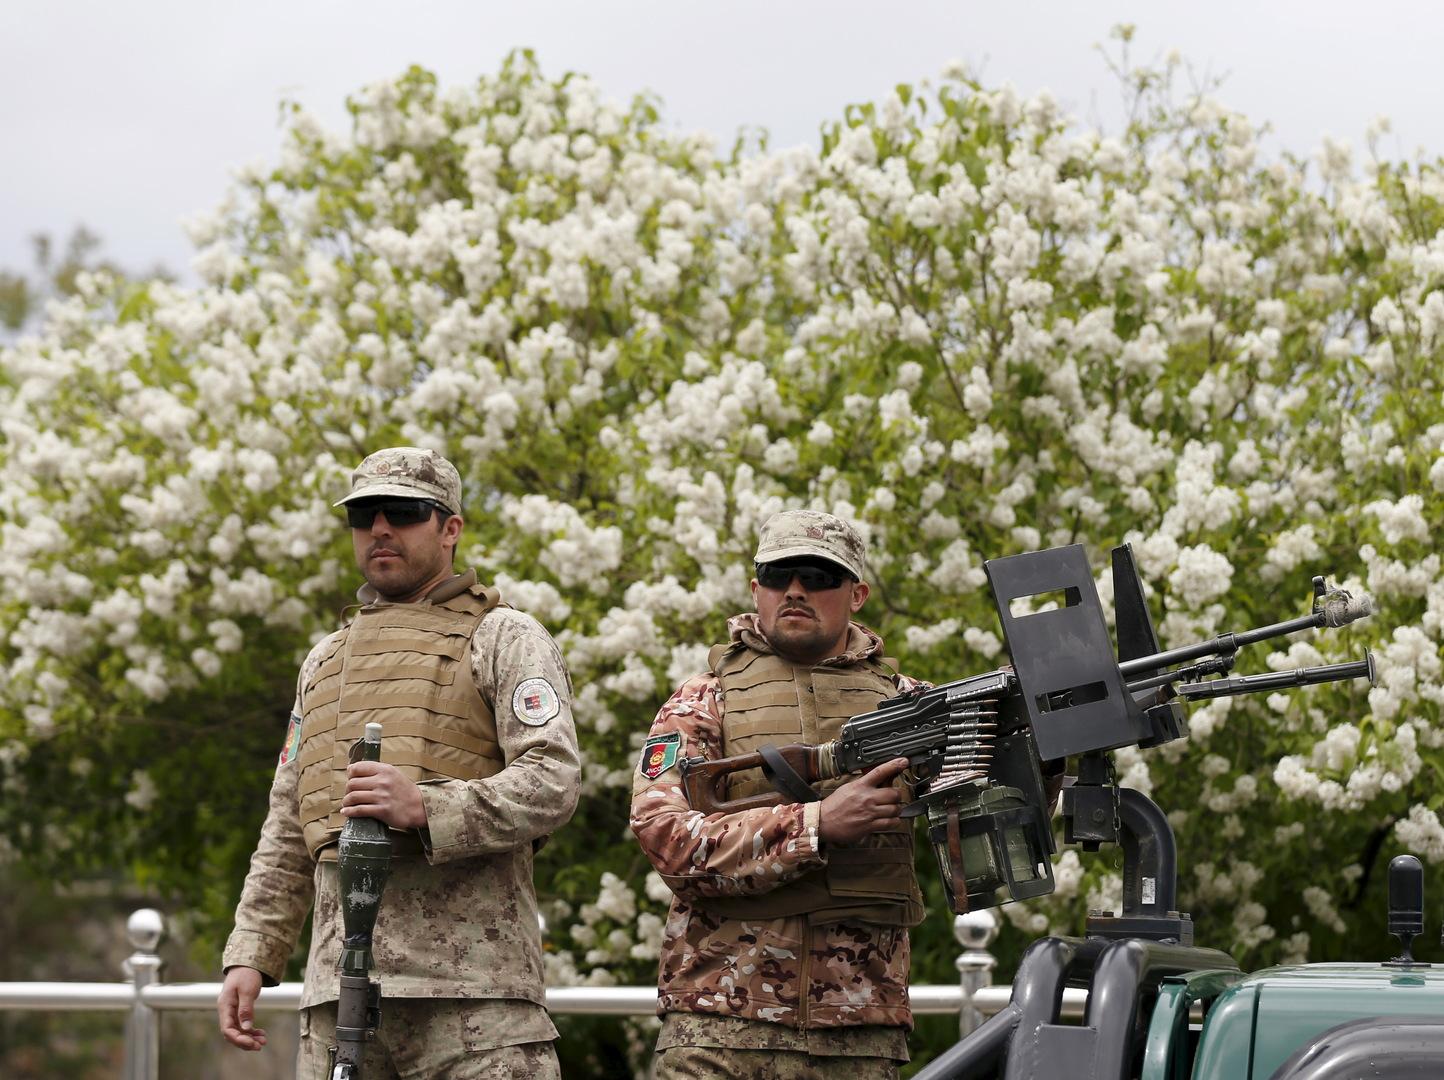 الجيش الأفغاني يستعد لشن هجوم مضاد لطرد طالبان من مدينة جنوب أفغانستان